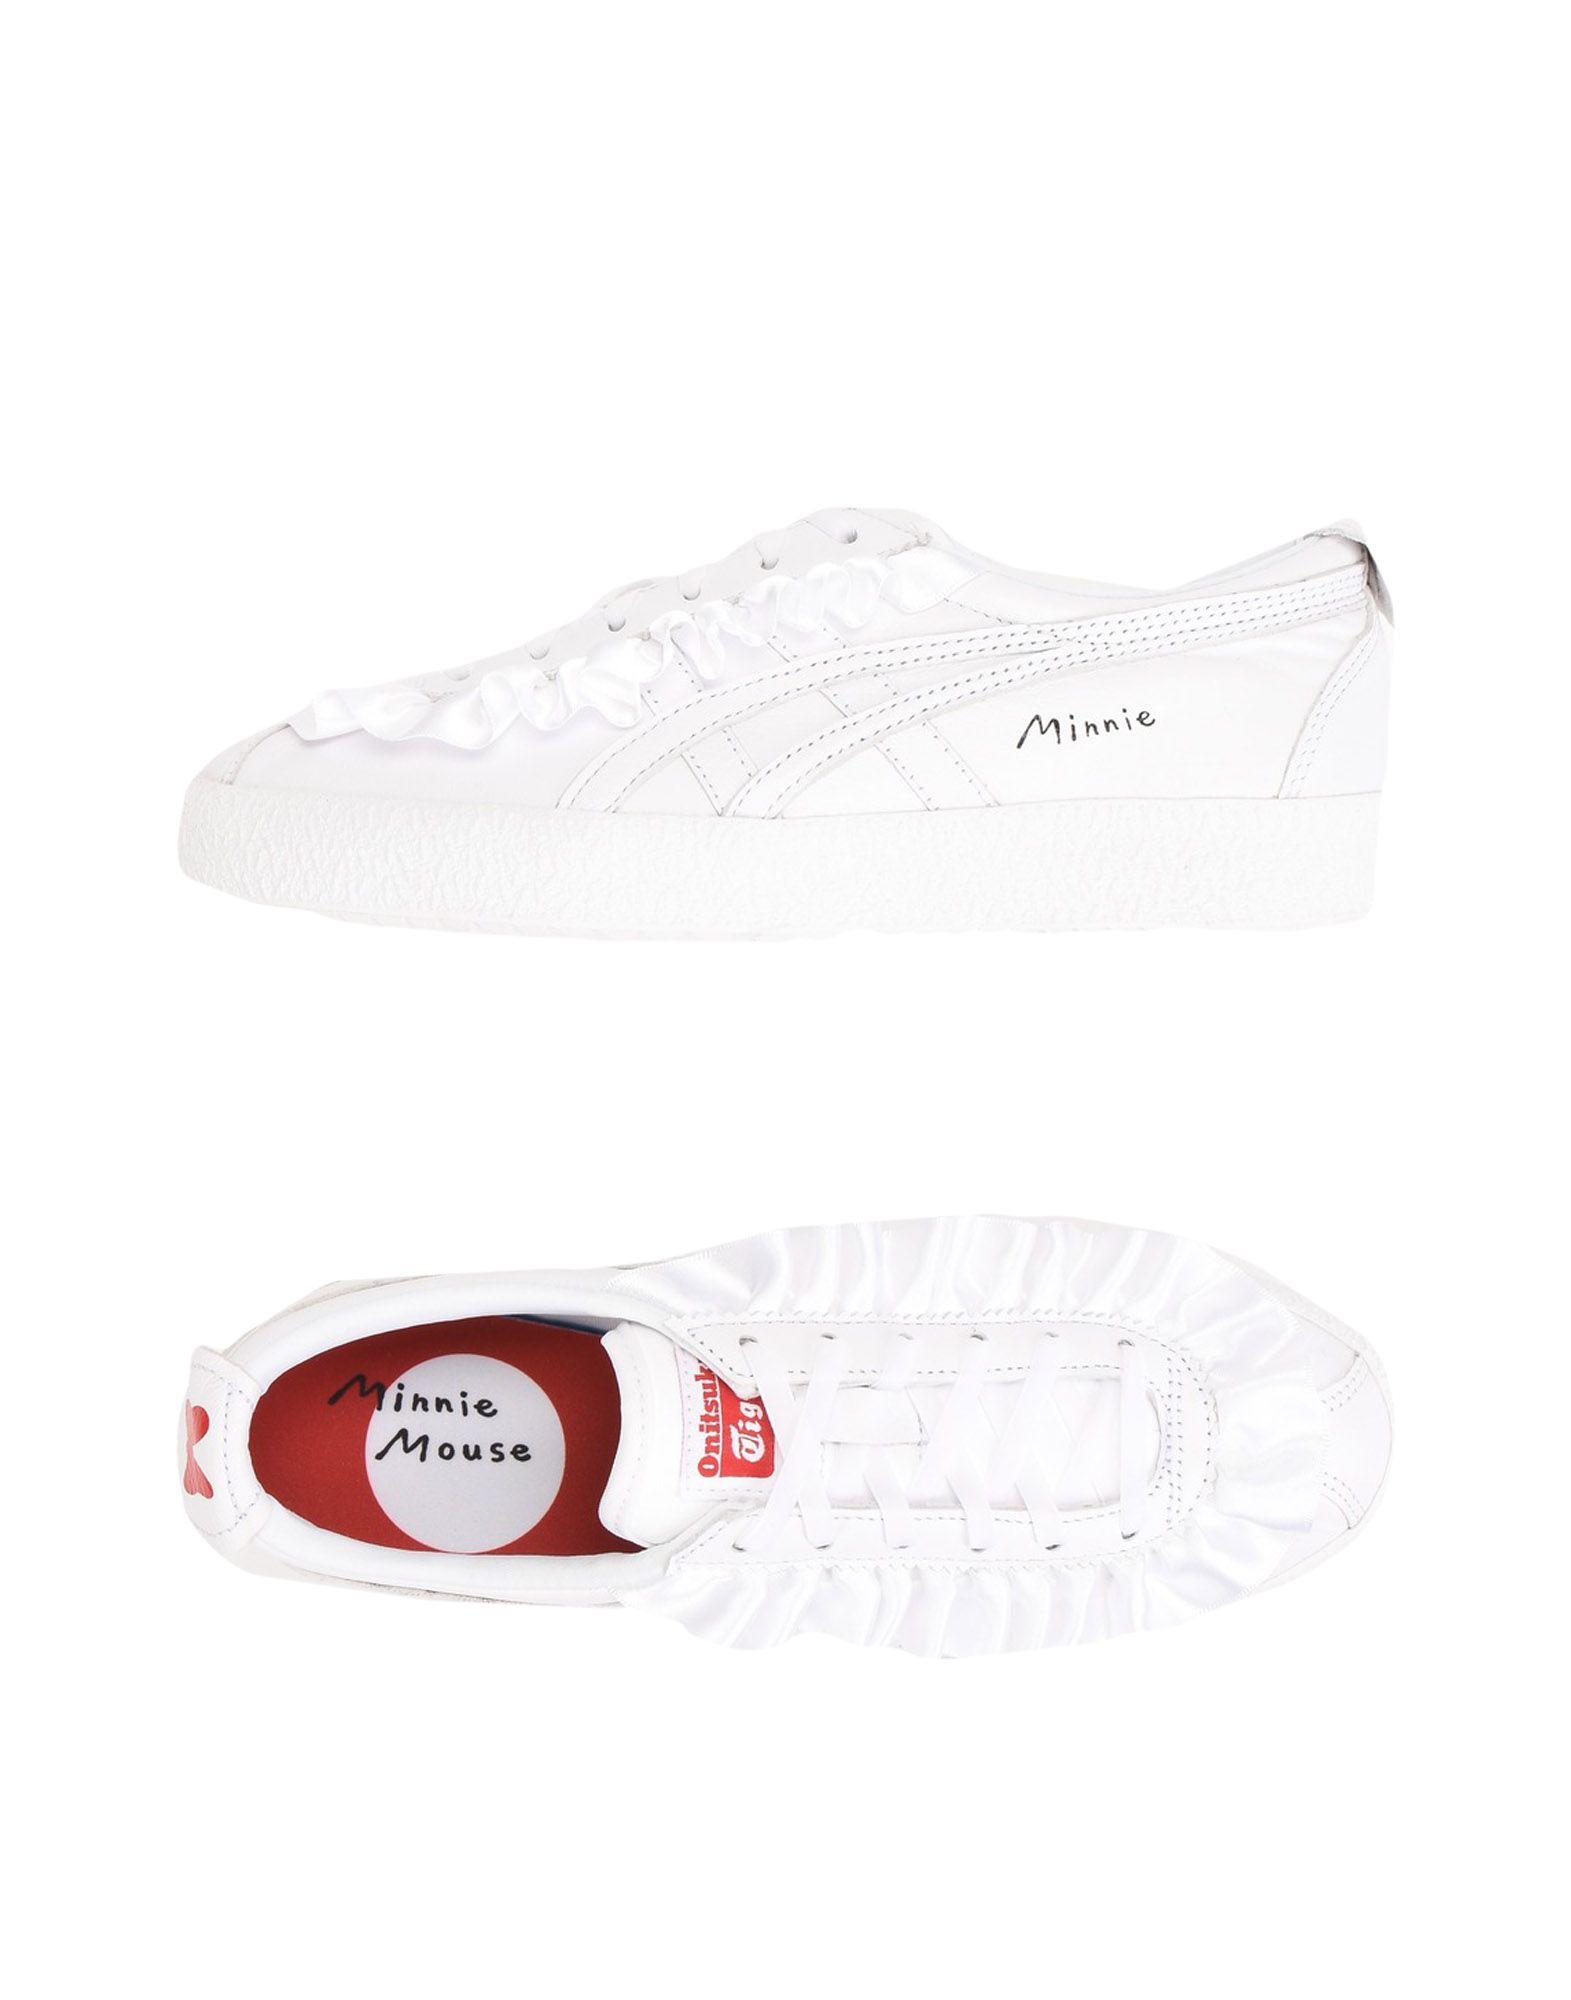 Asics Heiße Sneakers Damen  11483834OC Heiße Asics Schuhe ebb823